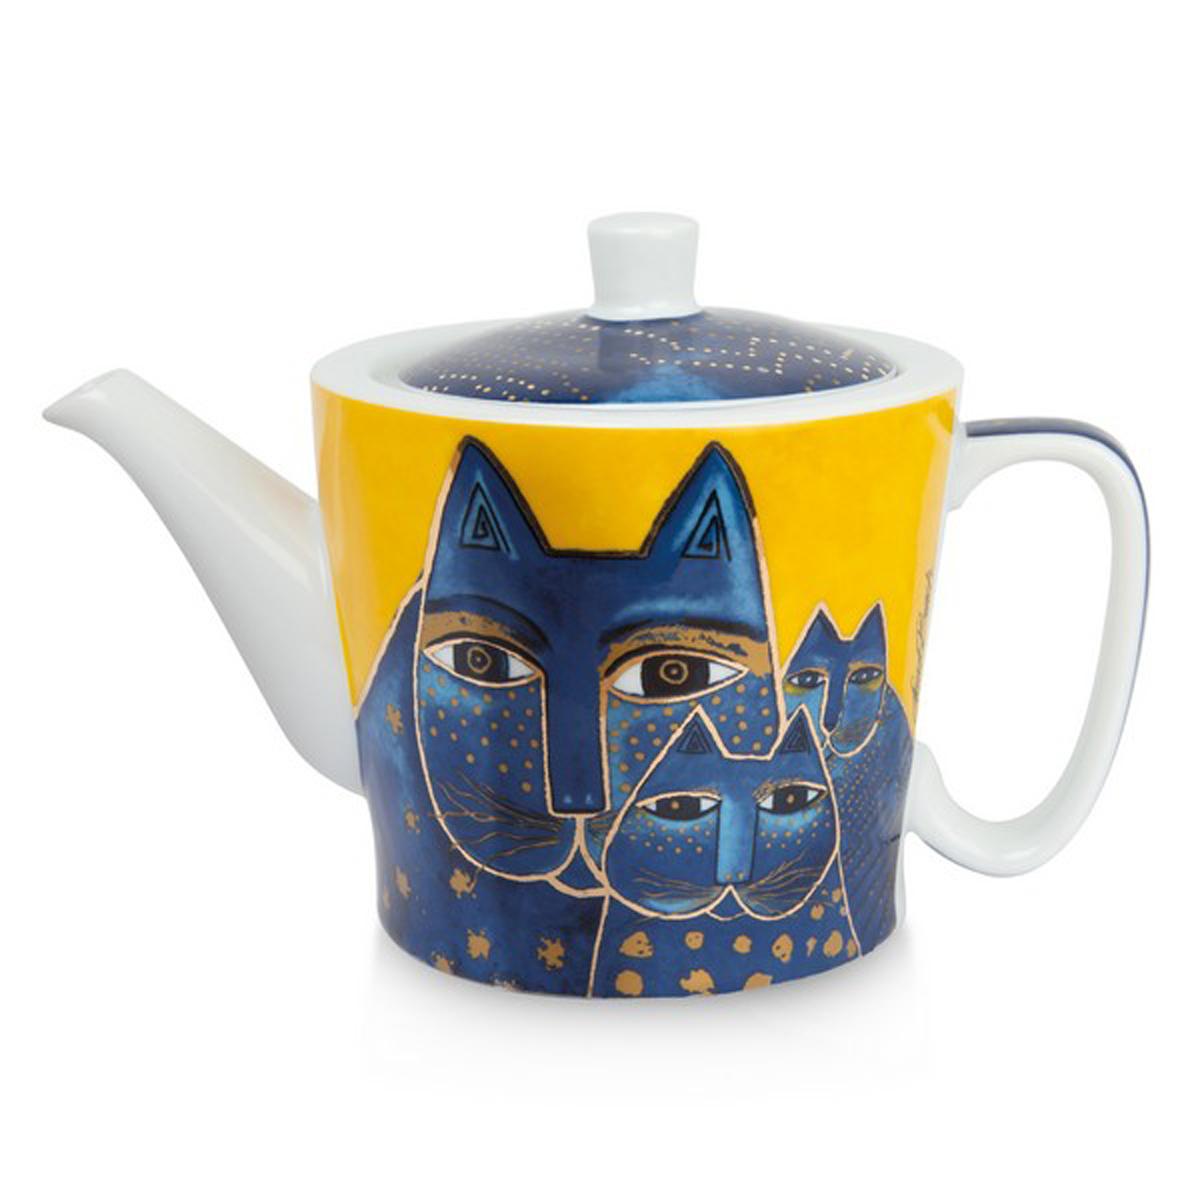 Théière porcelaine \'Laurel Burch\' jaune bleu (chats) - 10x9 cm (450 ml) - [A2681]